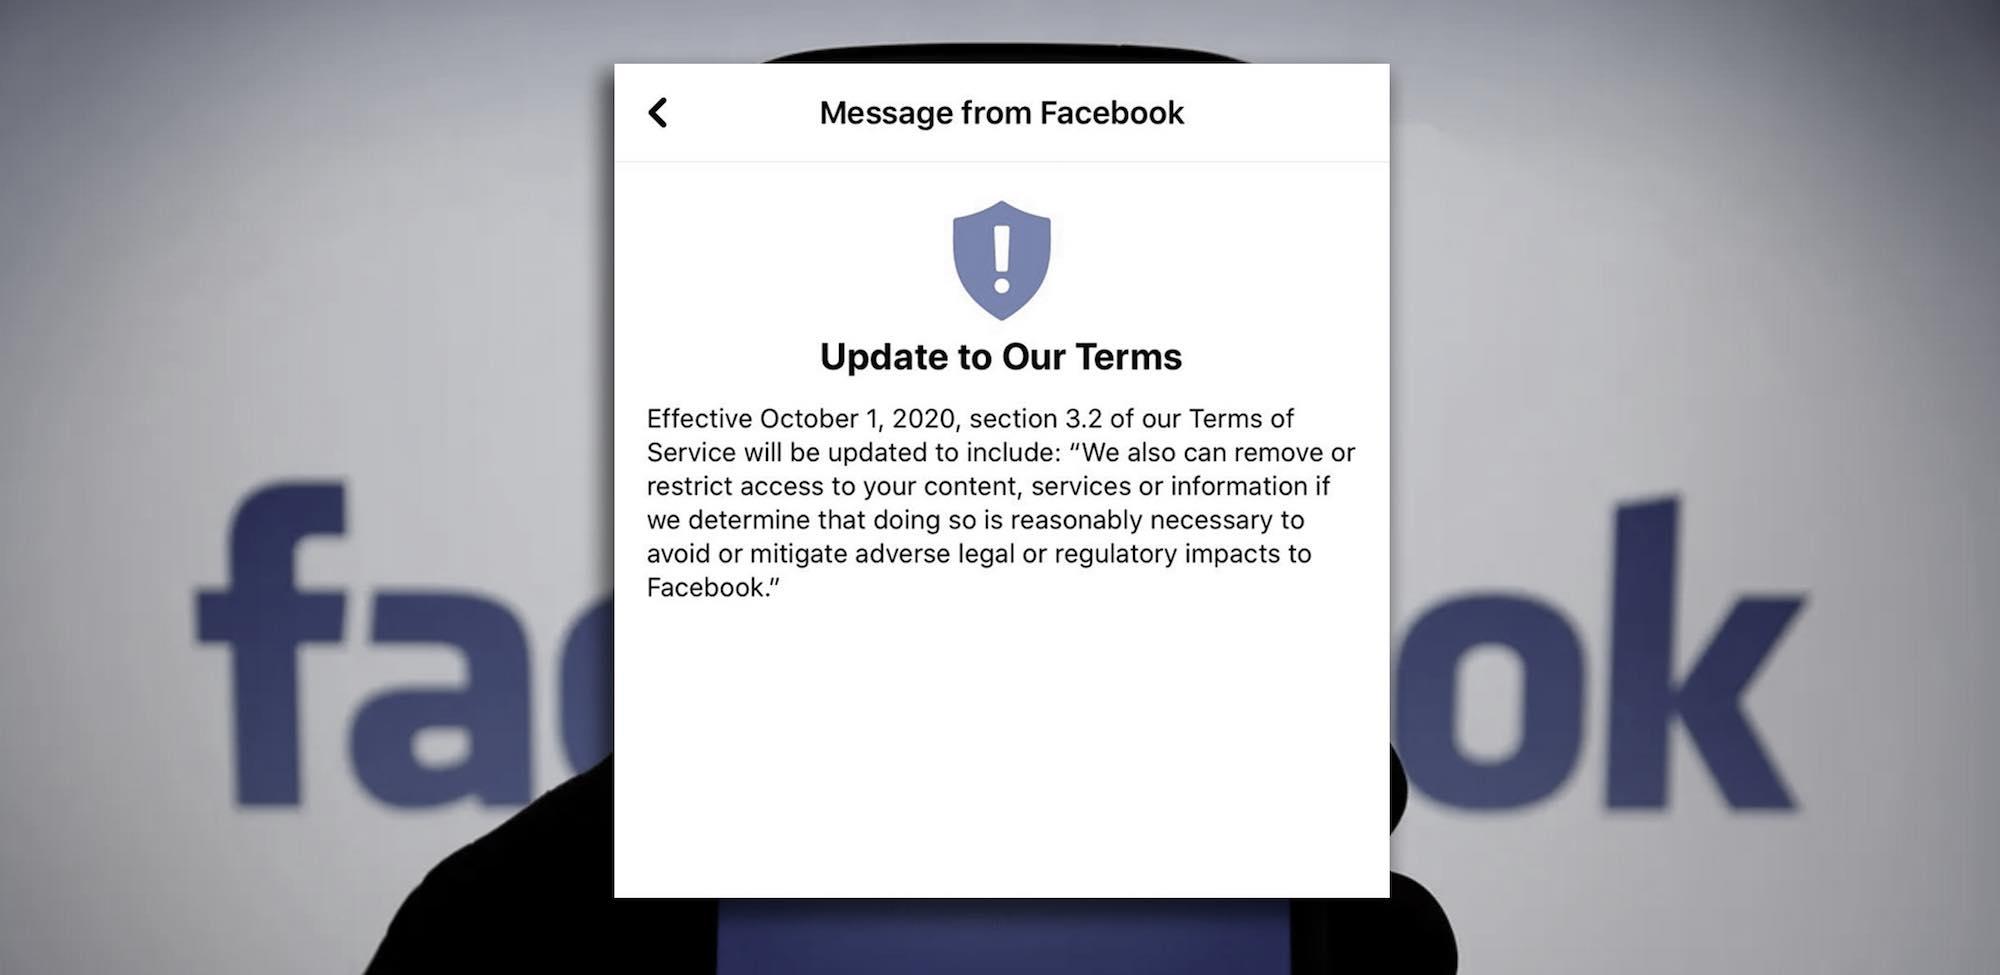 ¿Facebook actualiza sus términos de servicio para justificar la ola de censura definitiva?